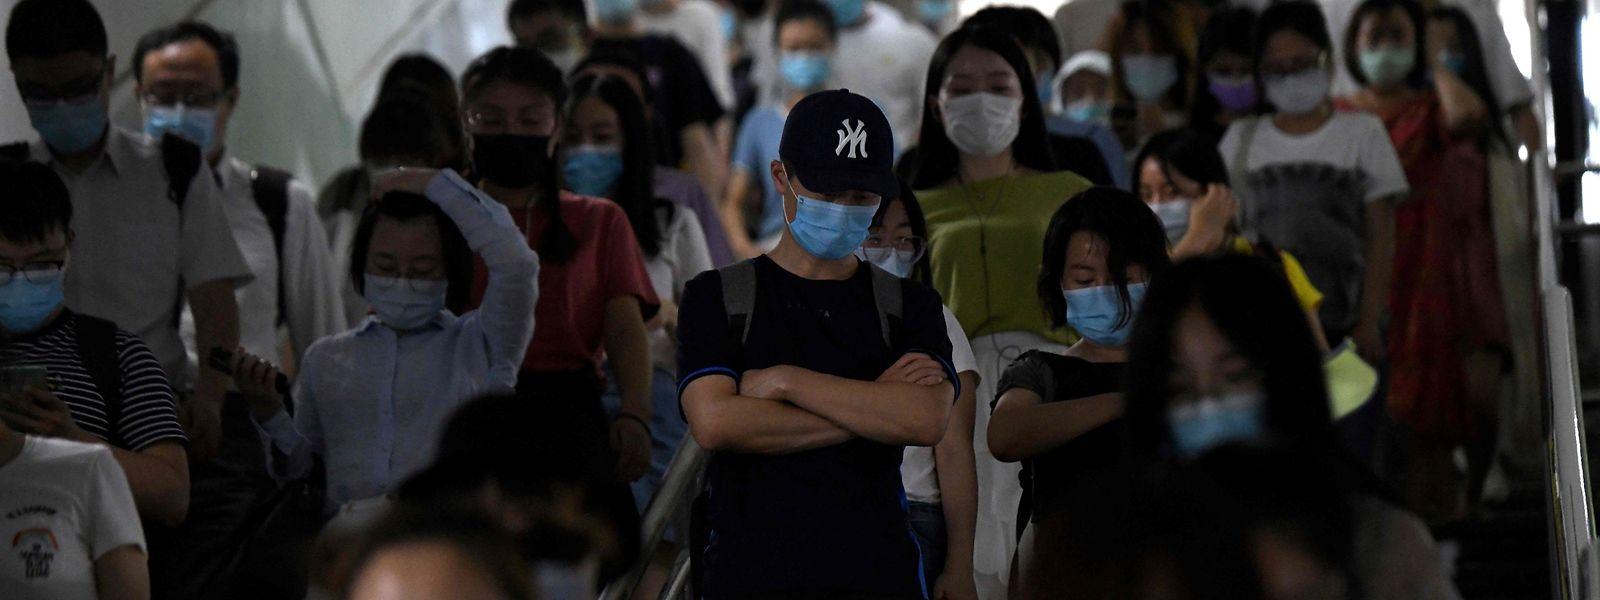 La Chine craint de voir se répandre à nouveau le coronavirus à travers le pays.